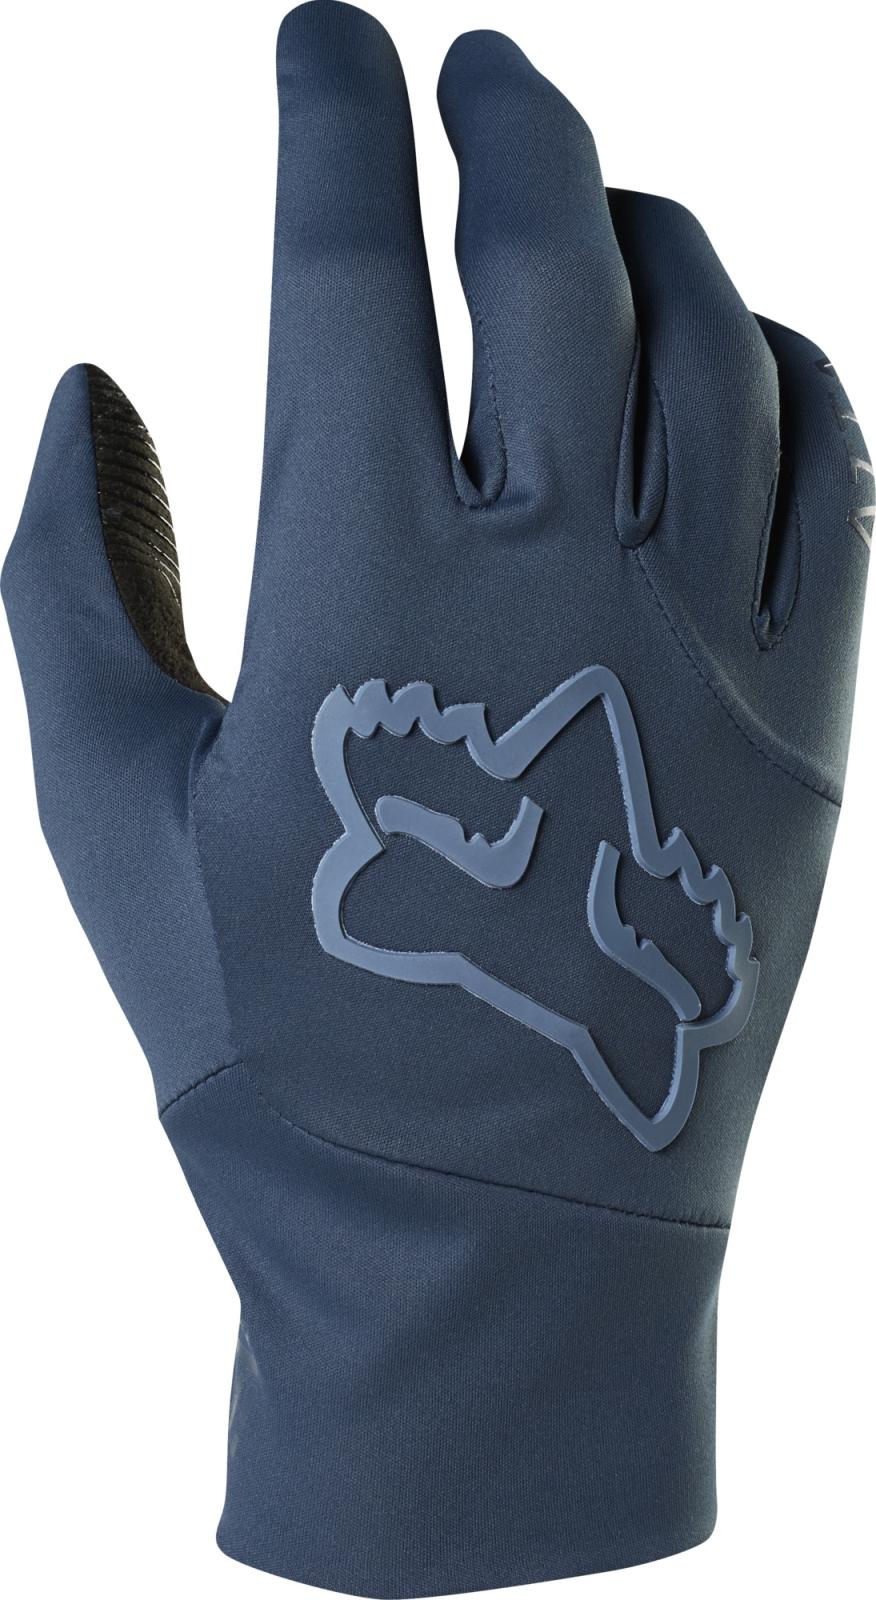 Fox Attack Water Glove - midnight XL